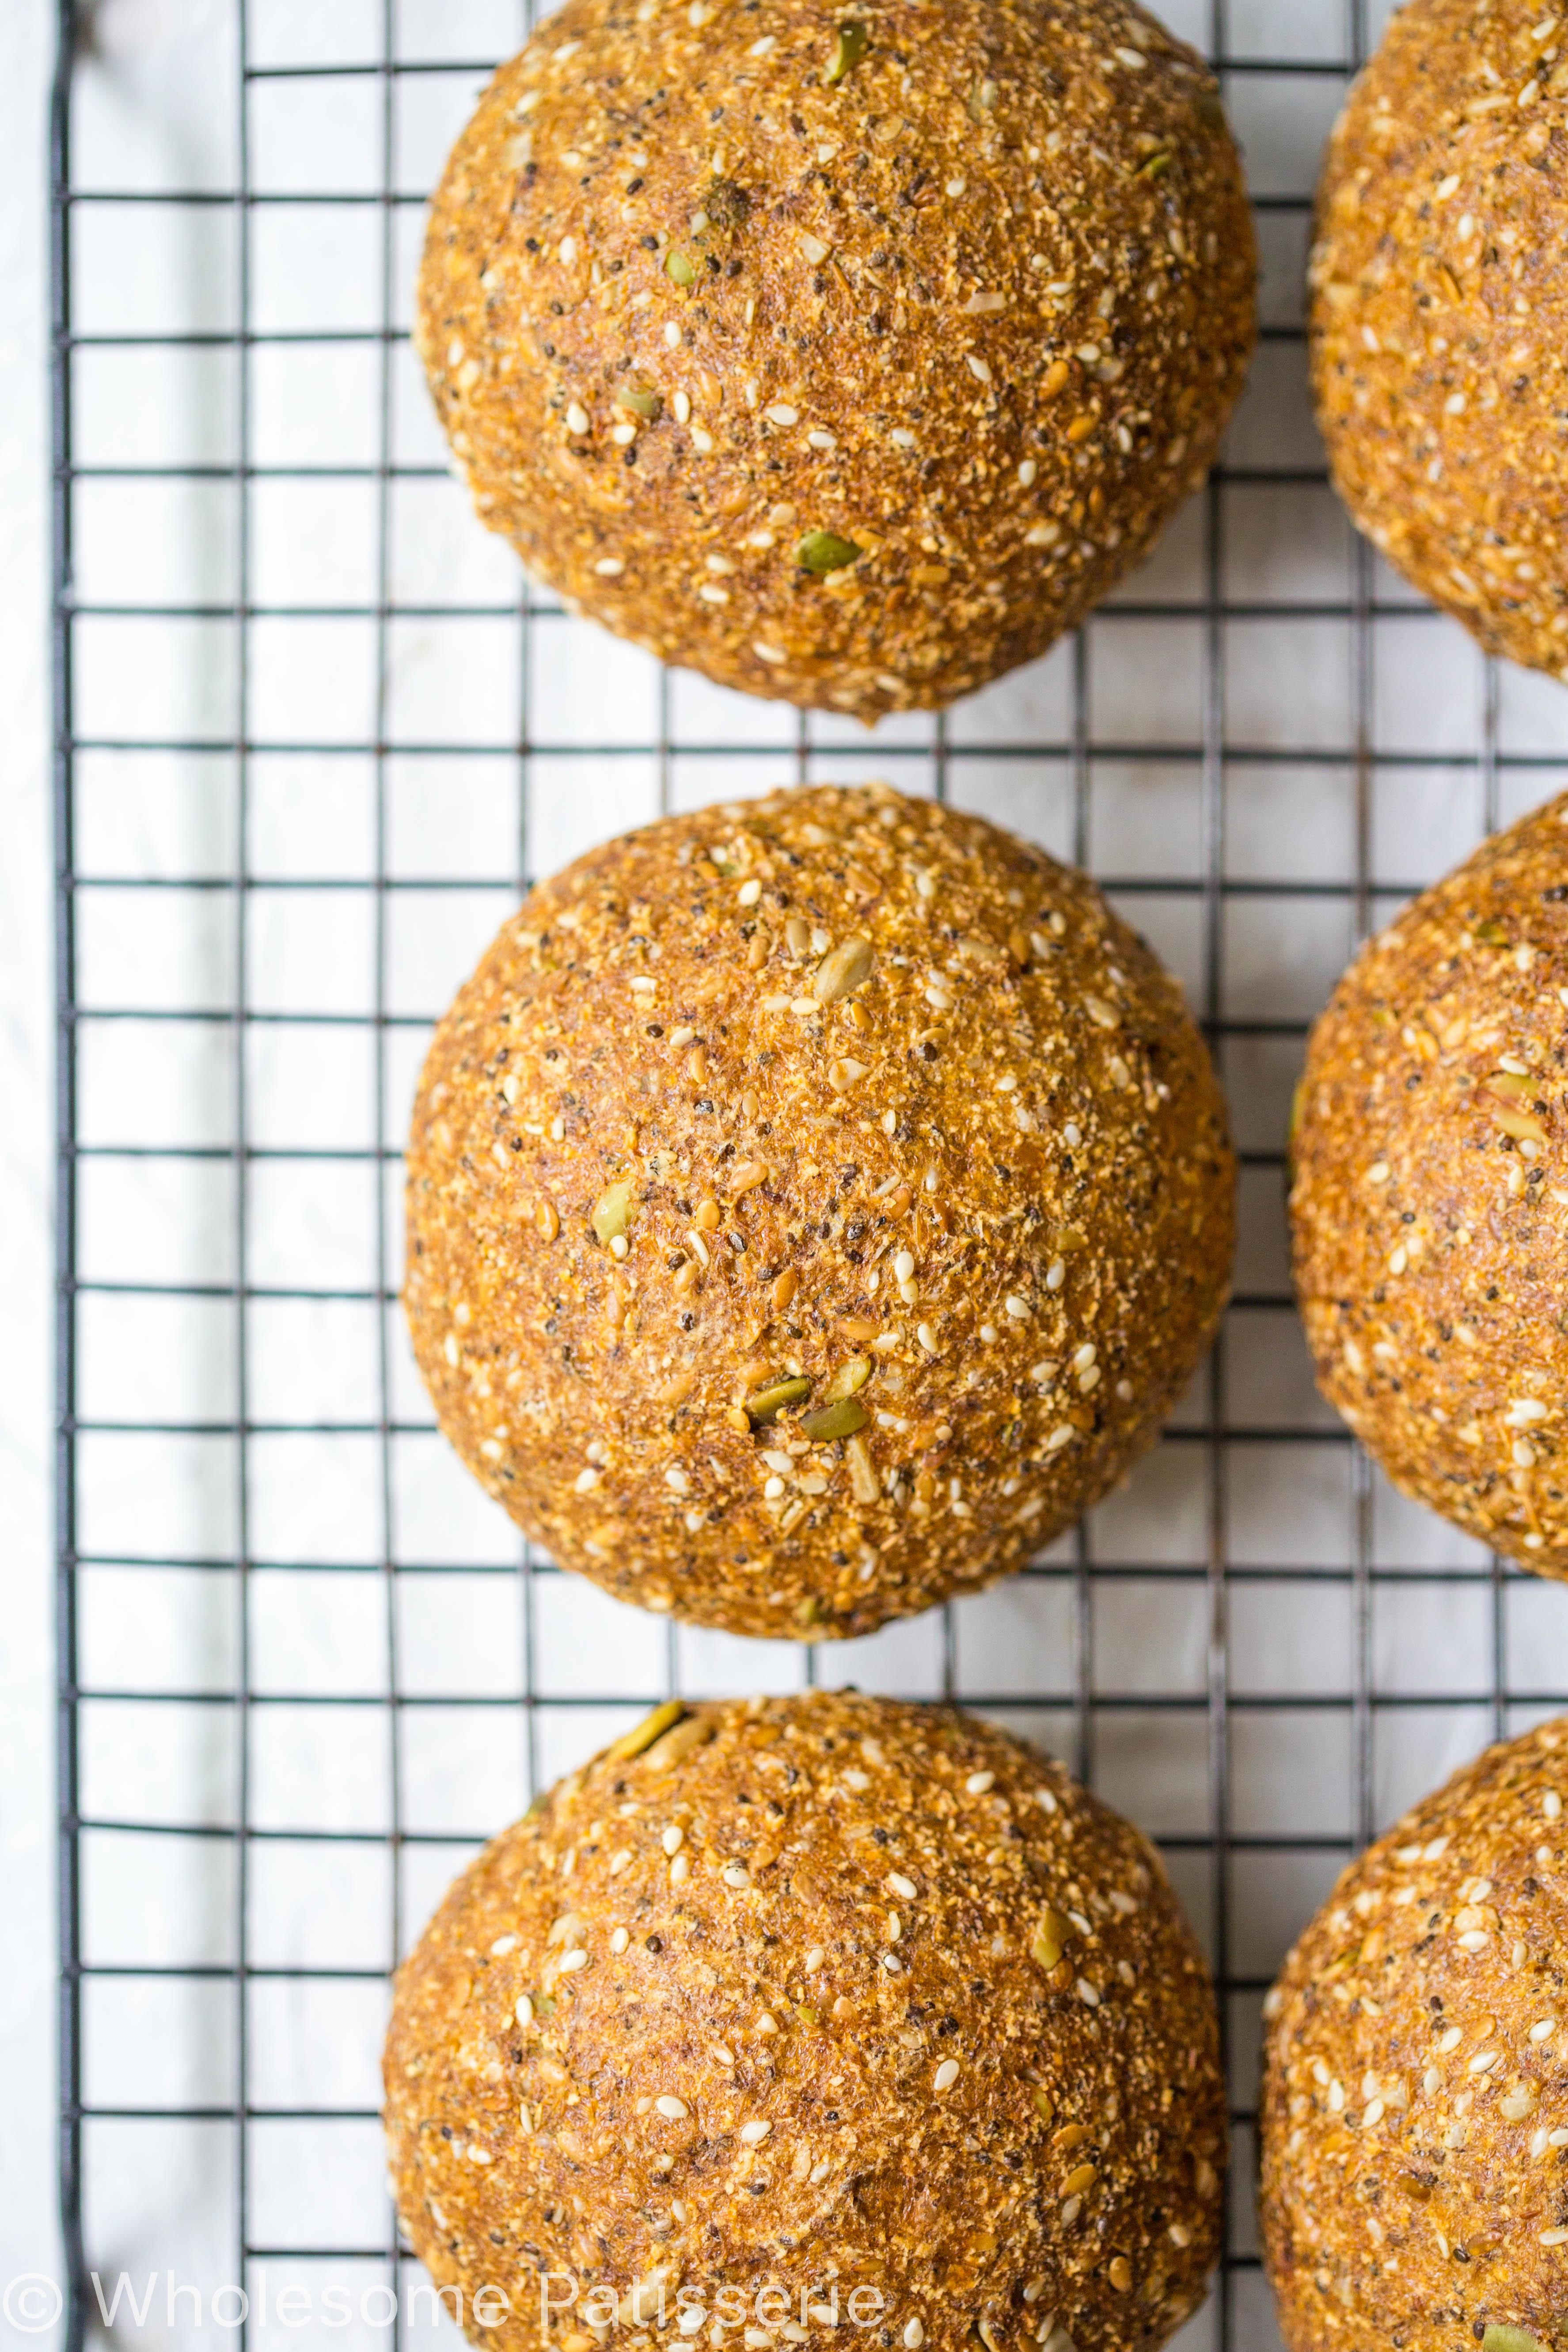 gluten-free-bread-rolls-nut-free-bread-rolls-pale-pete-recipes-paleo-way-seed-rolls